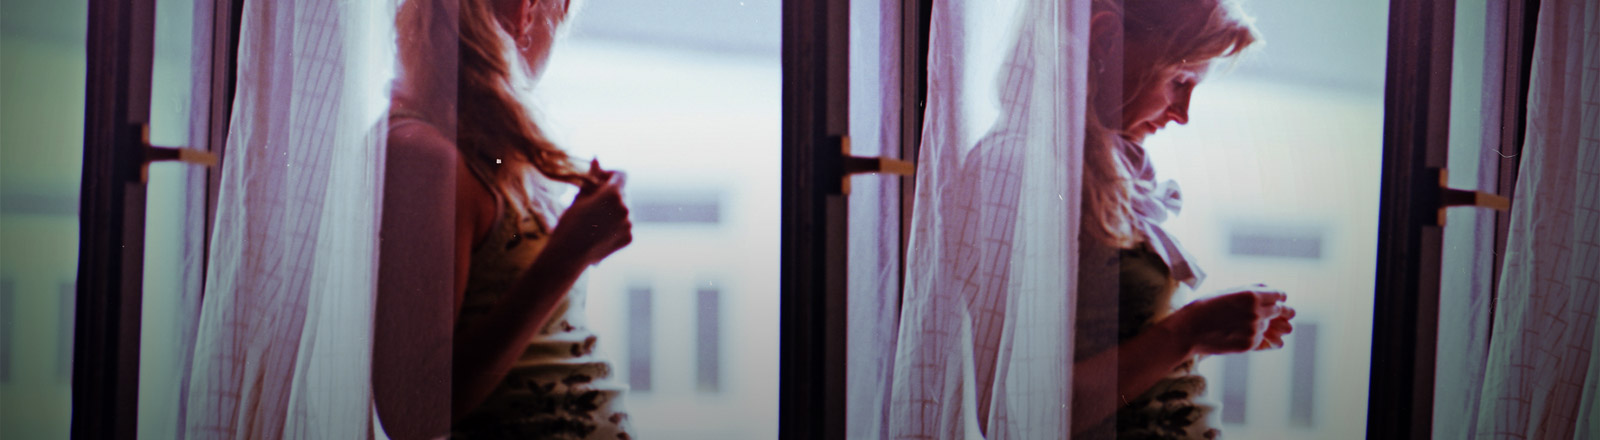 Eine traurige Frau steht an einem offenen Fenster.